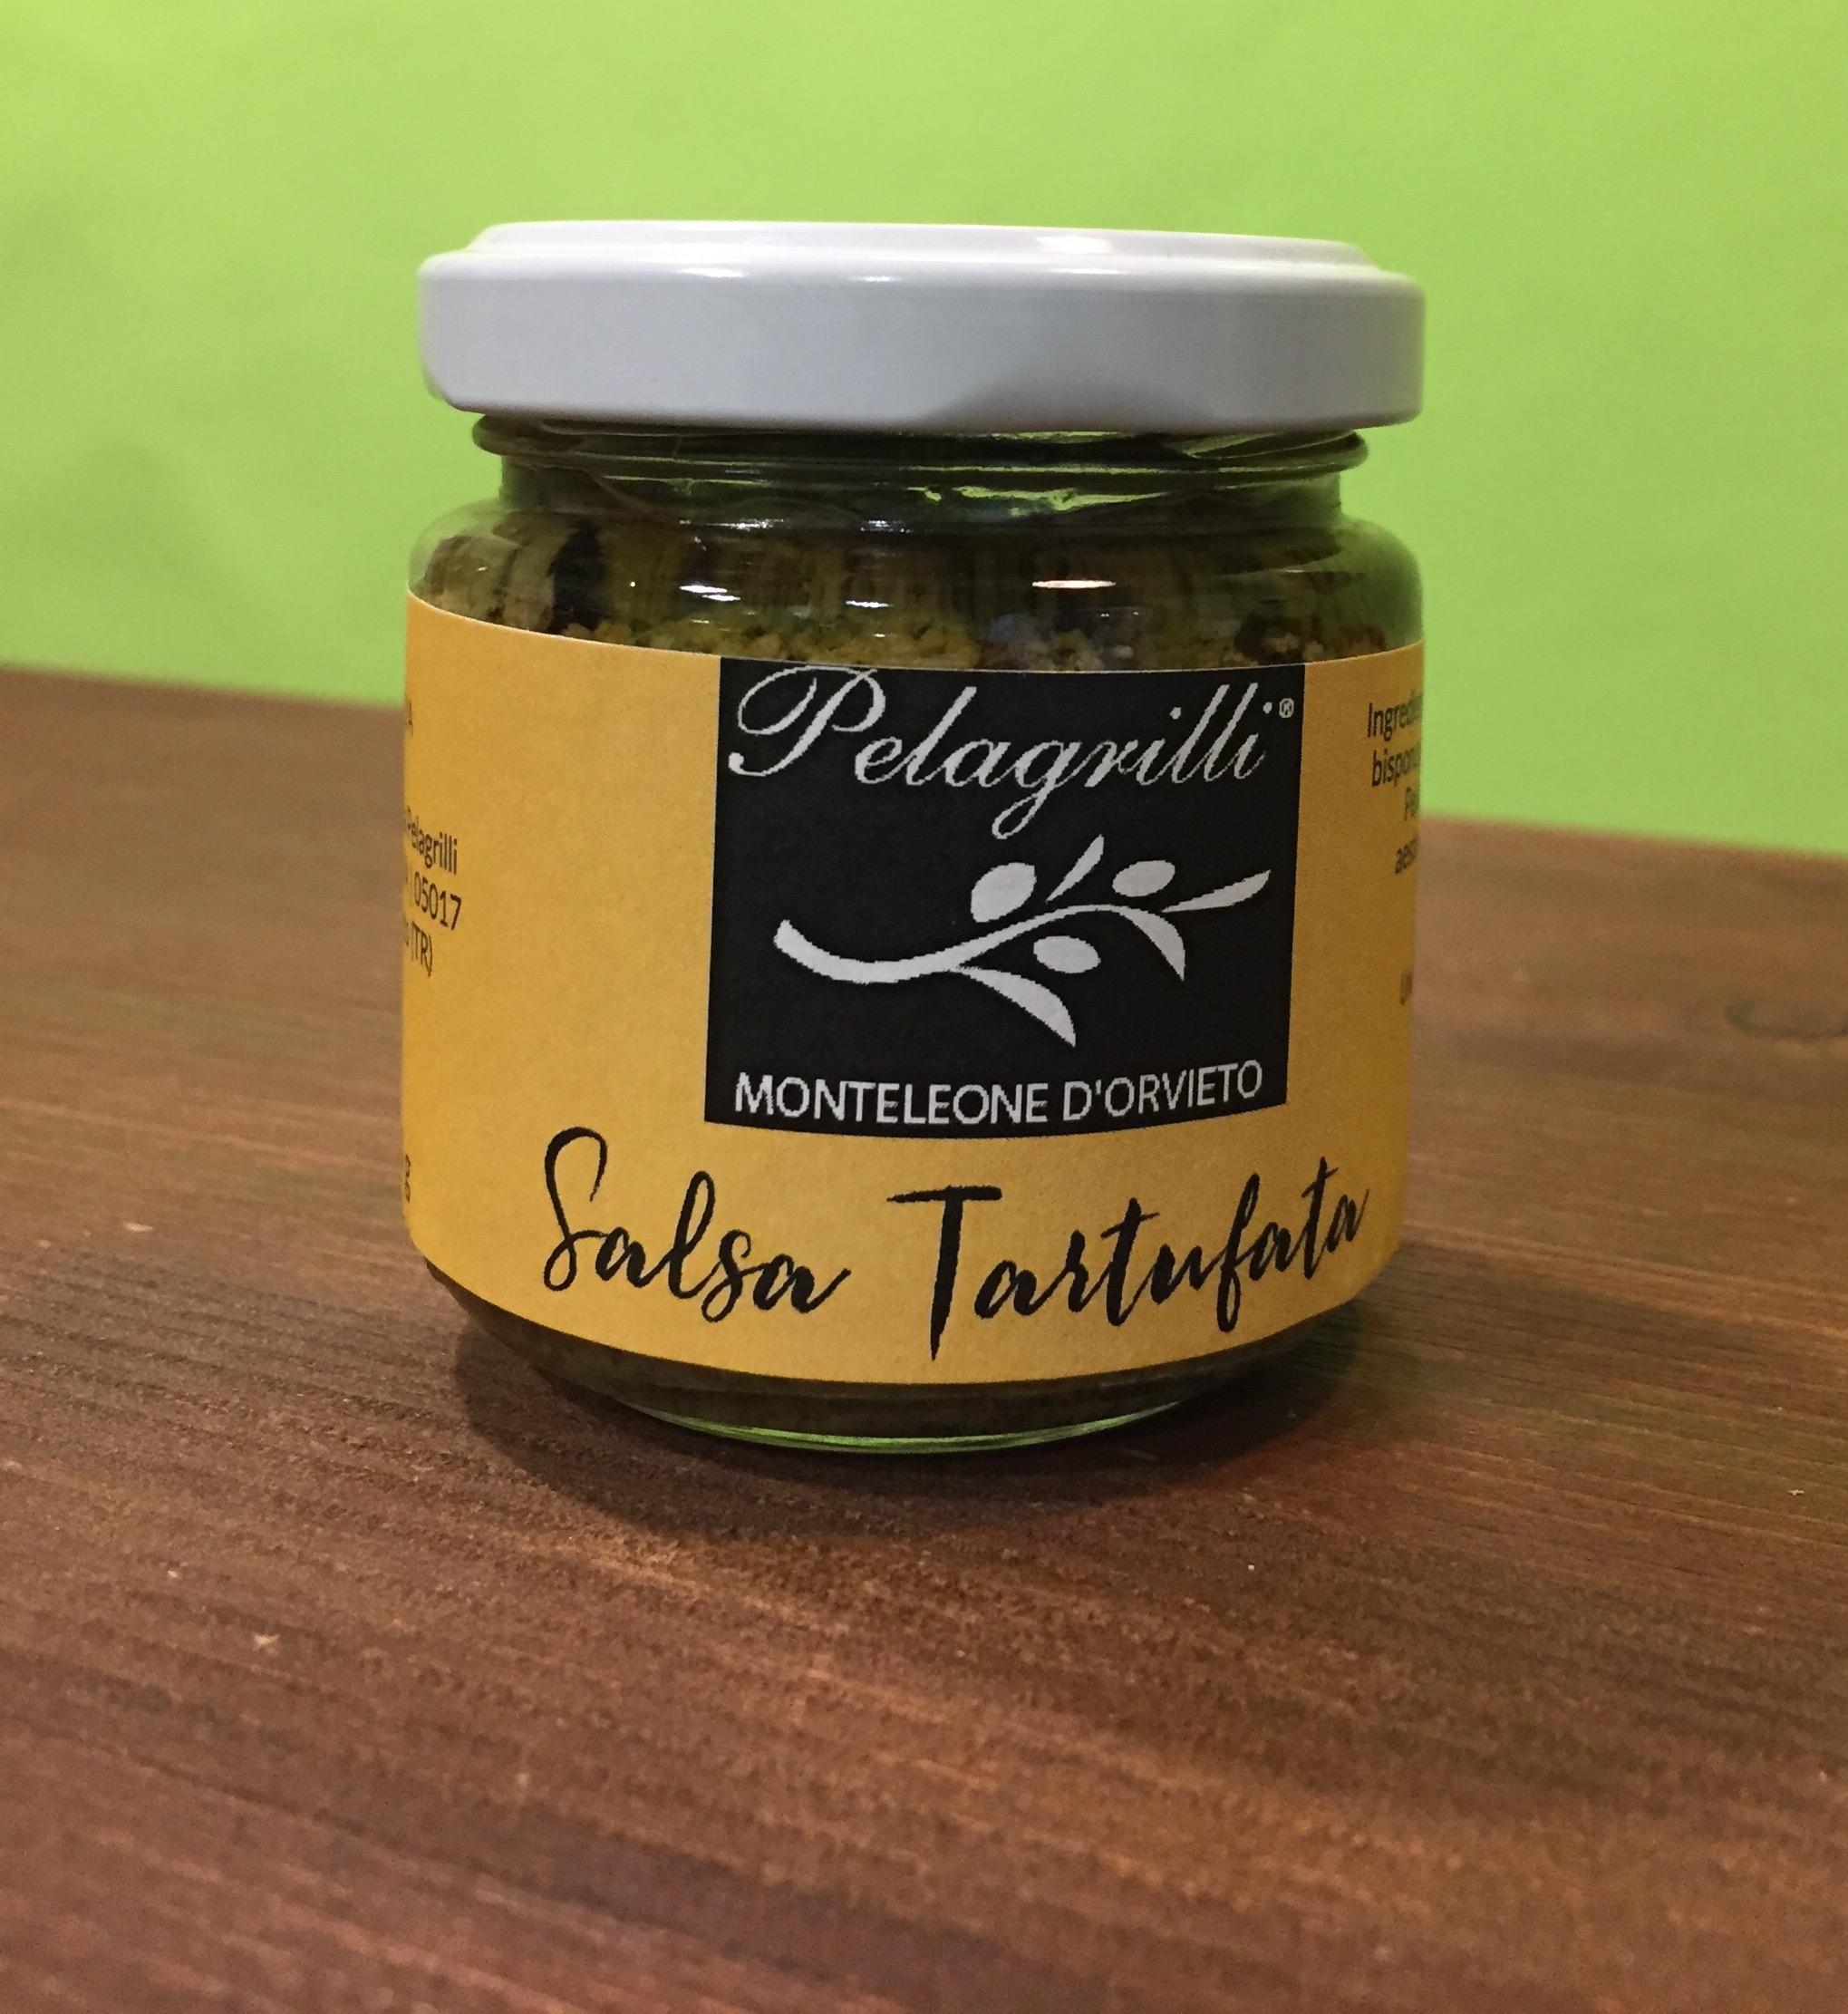 Salsa Tartufata con olio extra vergine di oliva Pelagrilli